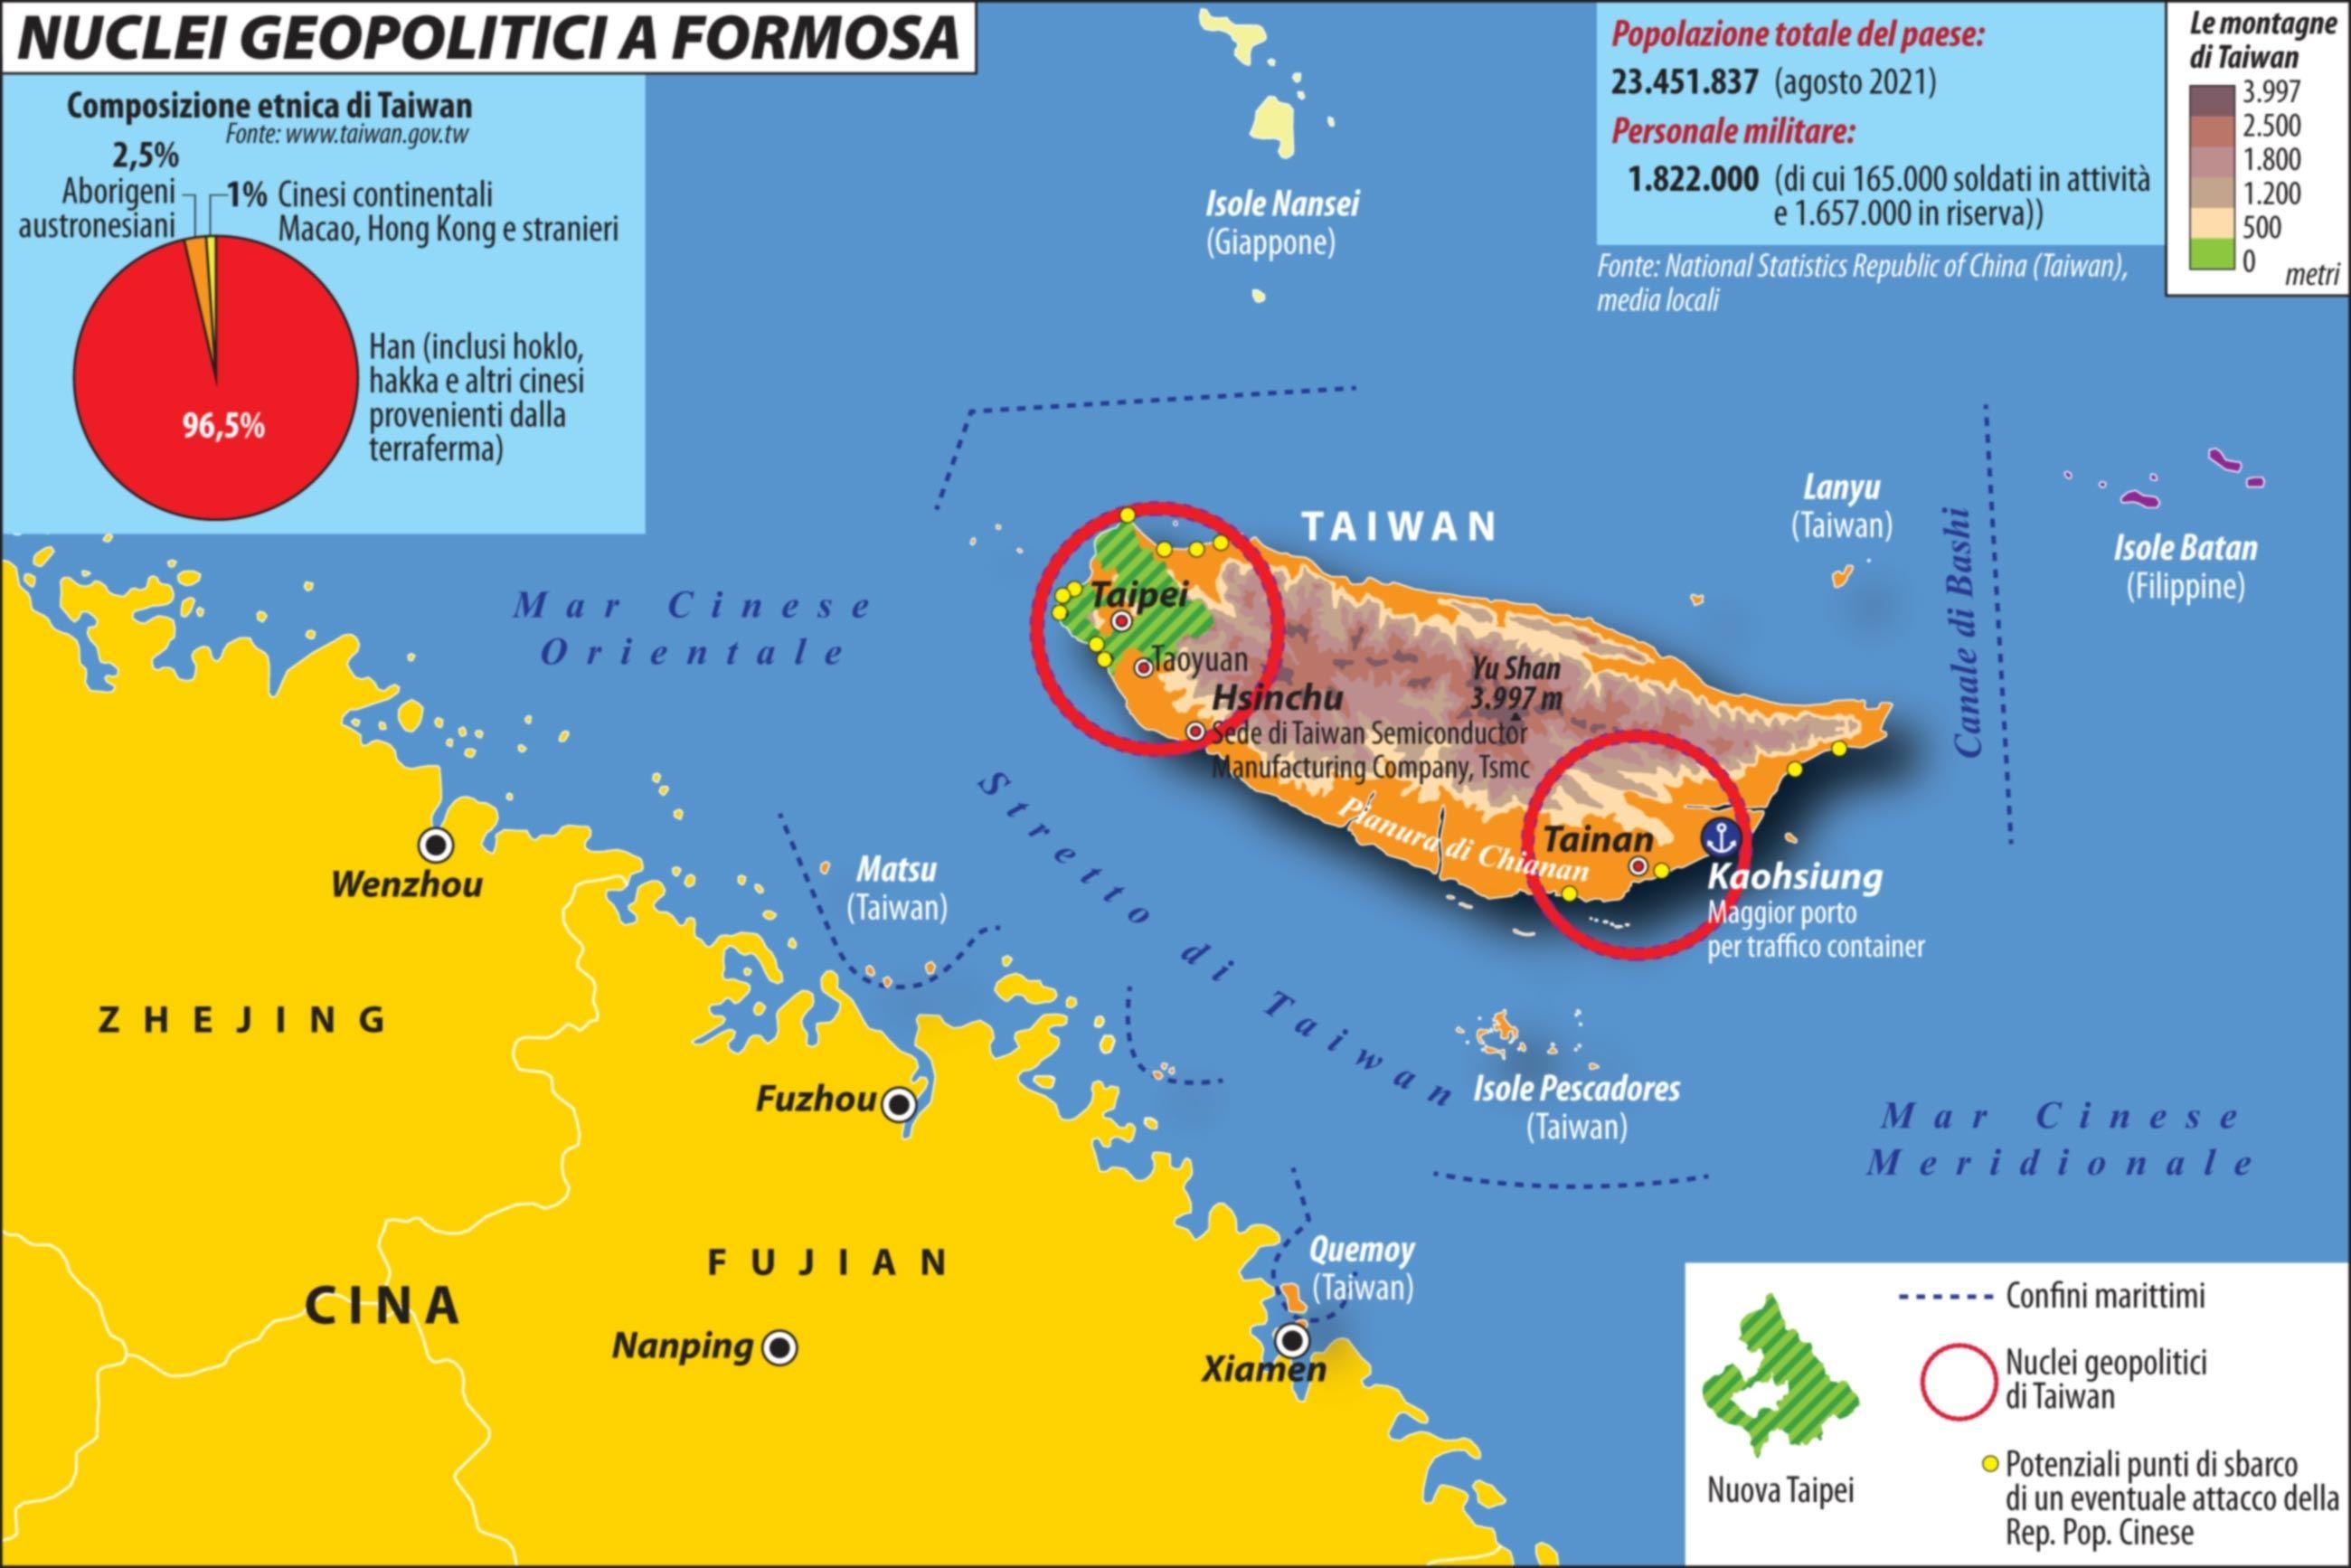 taiwan_nuclei_geopolitici_formosa